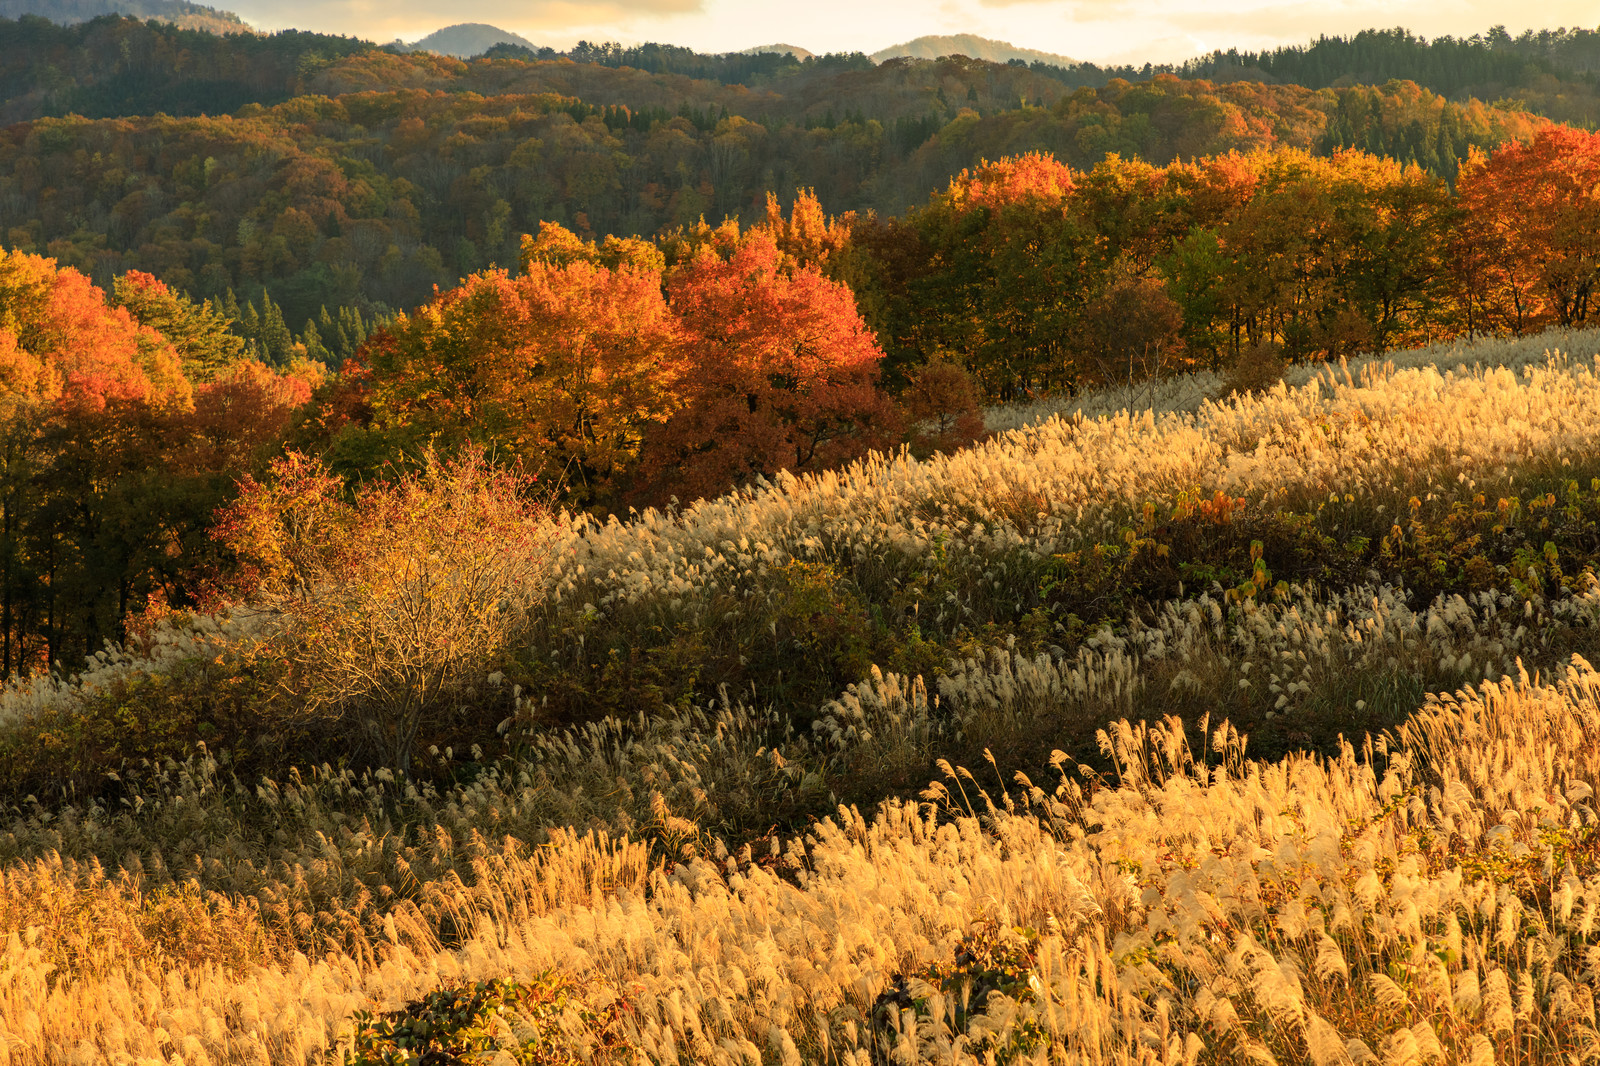 「夕日に照らされた紅葉した木々とススキ」の写真